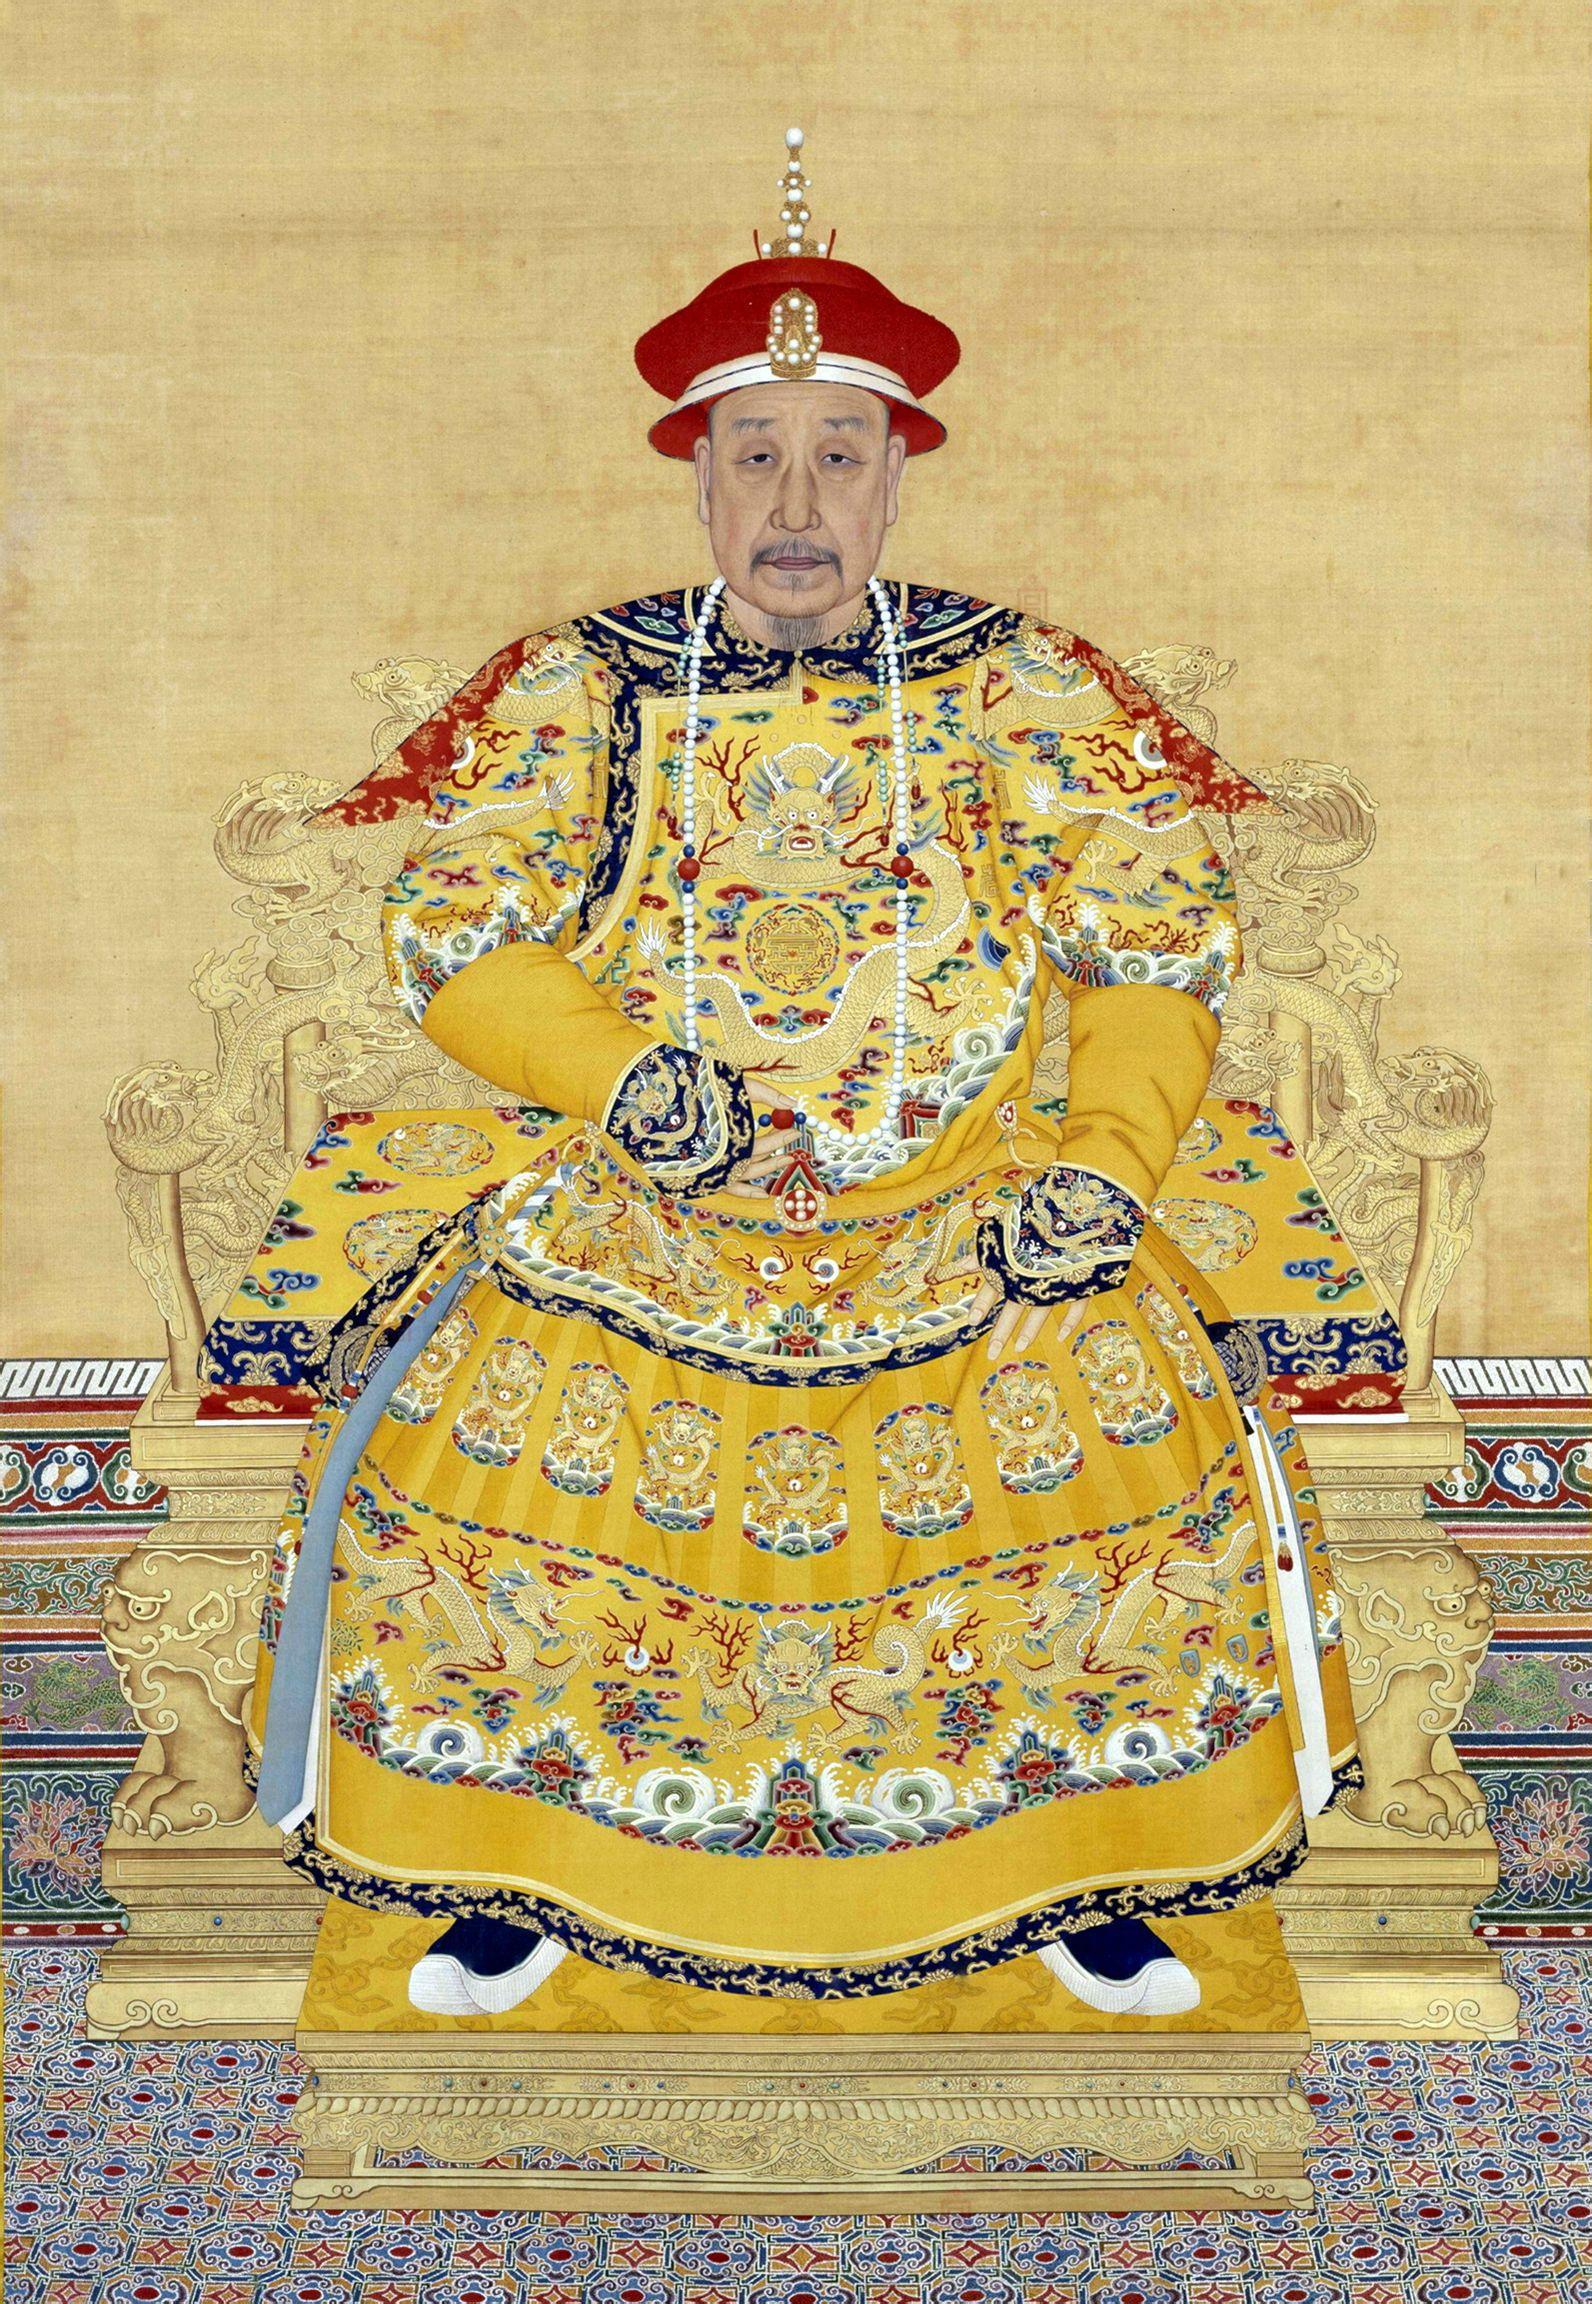 中国有十八个朝代,却是二十四史,那六个呢?